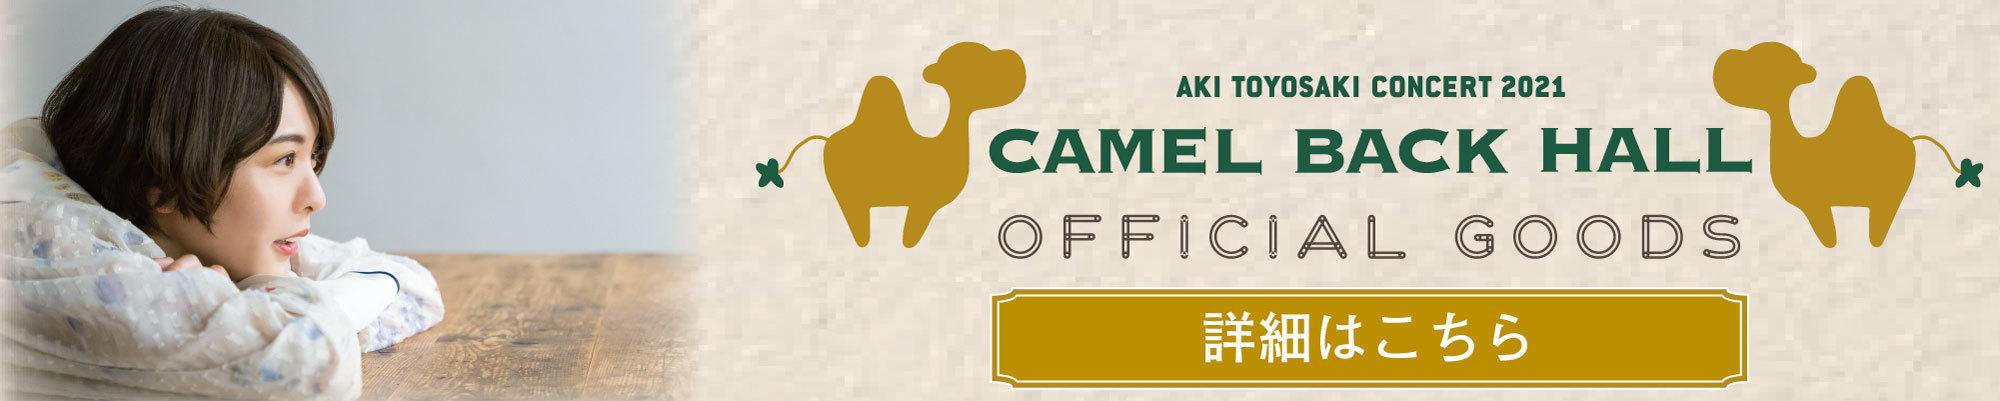 豊崎愛生 Camel Back Hallグッズ